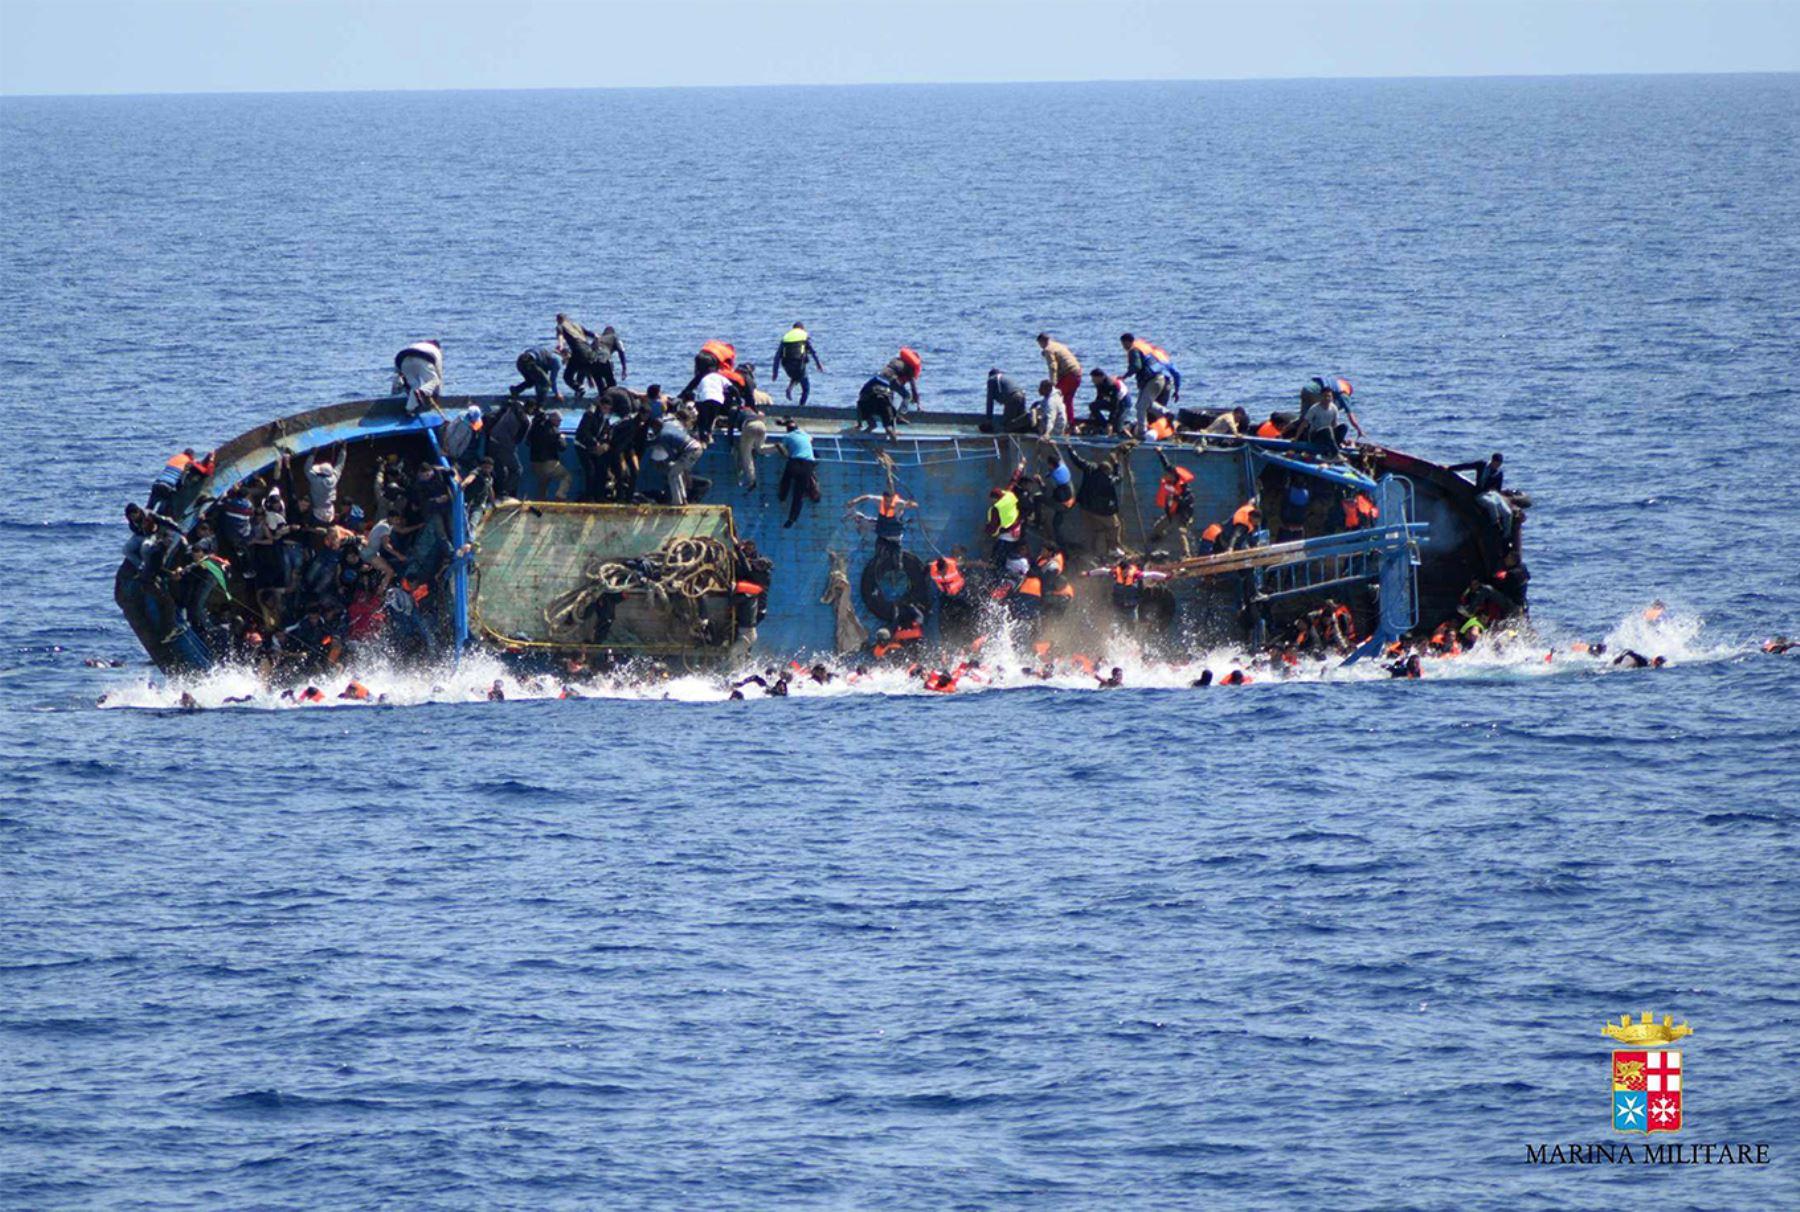 Naufragio de una embarcación sobrecargada de migrantes frente a la costa de Libia. Al menos siete personas se ahogaron después de que el barco sobrecargado se volcara.  AFP PHOTO / MARINA MILITARE